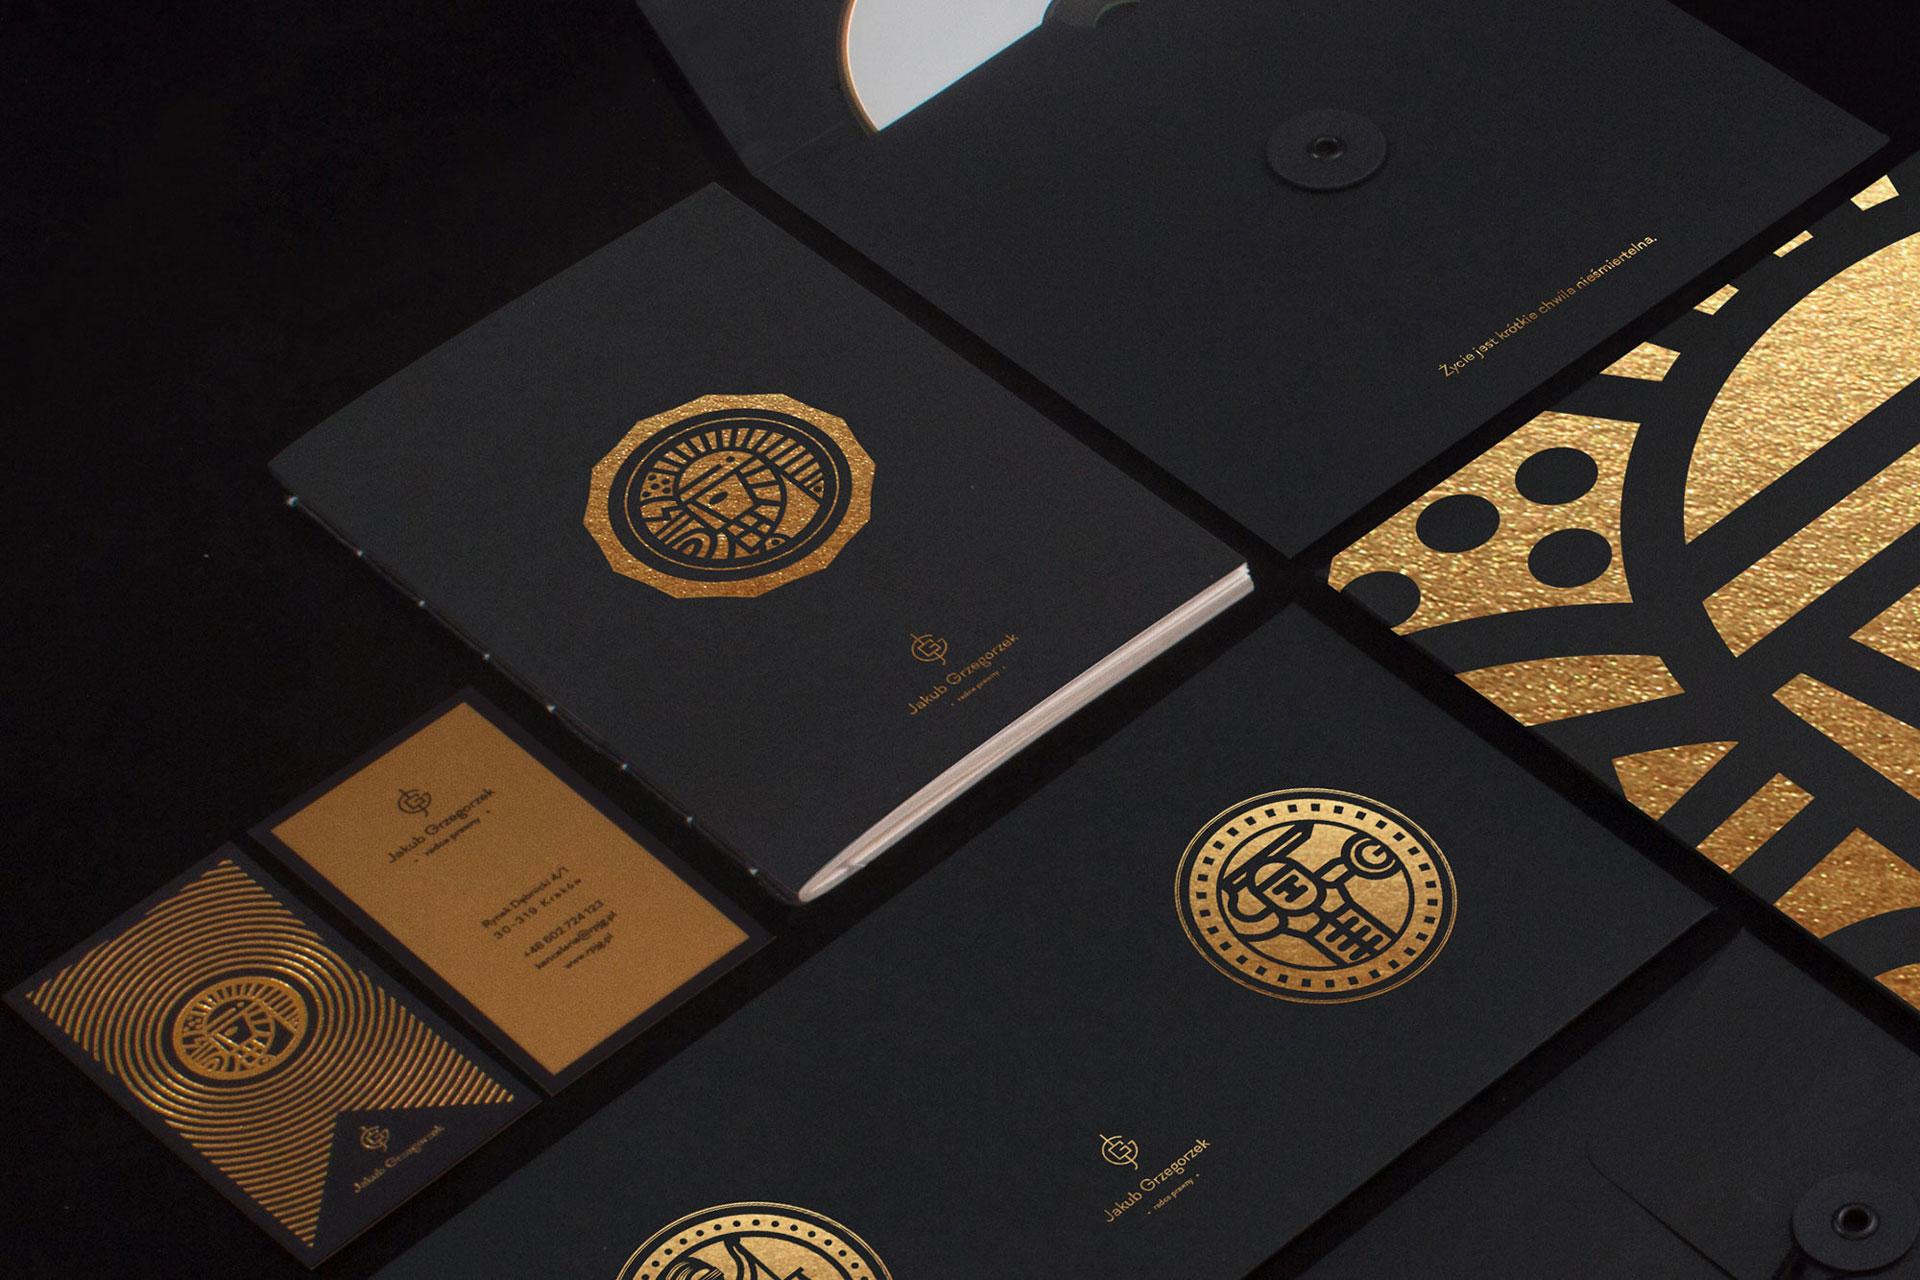 Jakub Grzegorzek Radca Prawny Personal Branding (6)